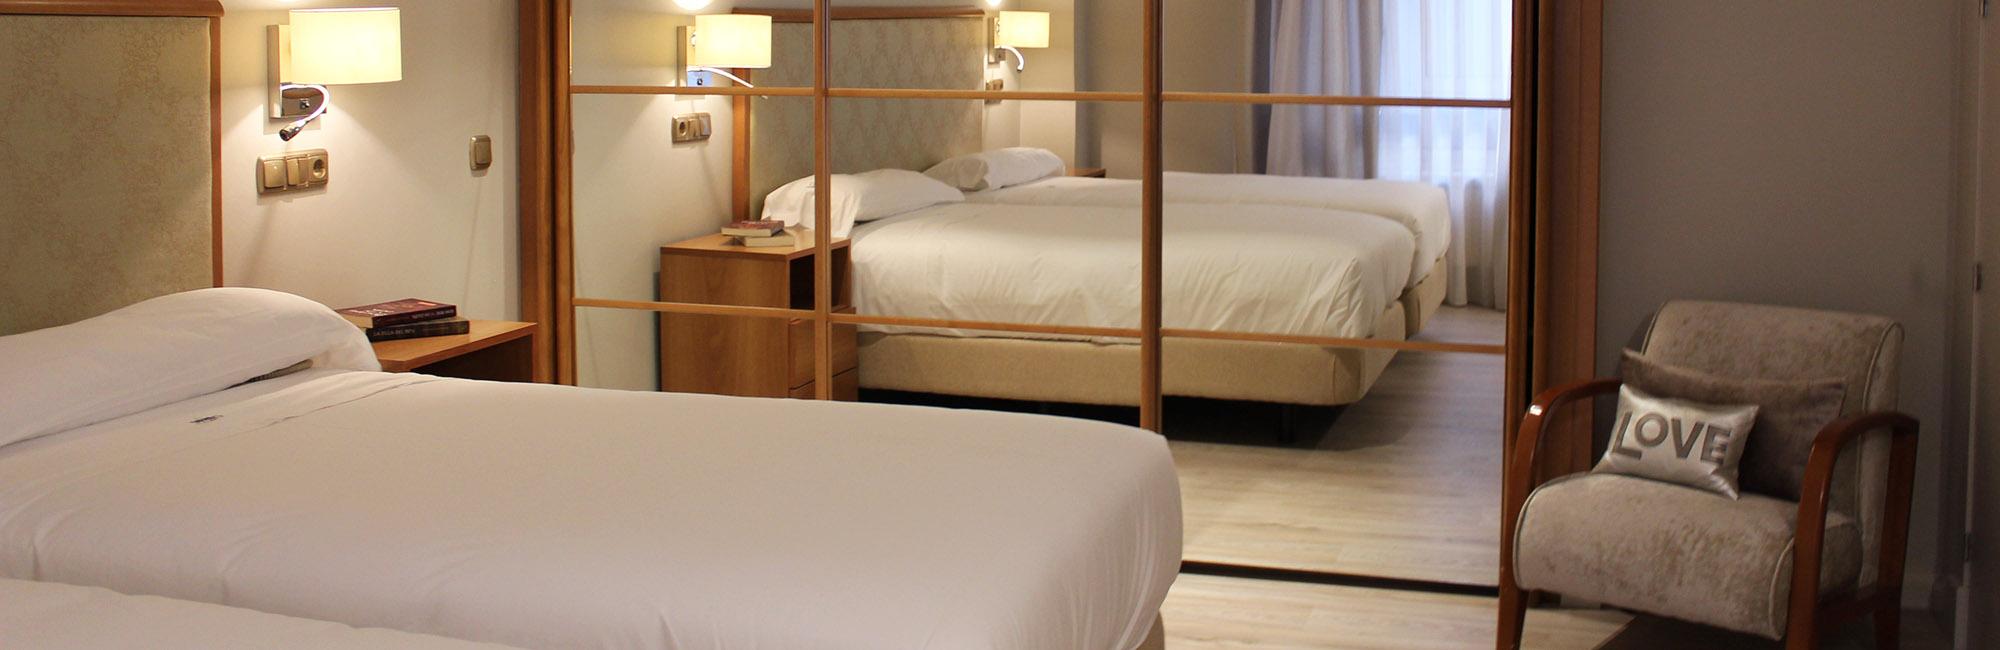 Habitación Suite Hotel Carreño